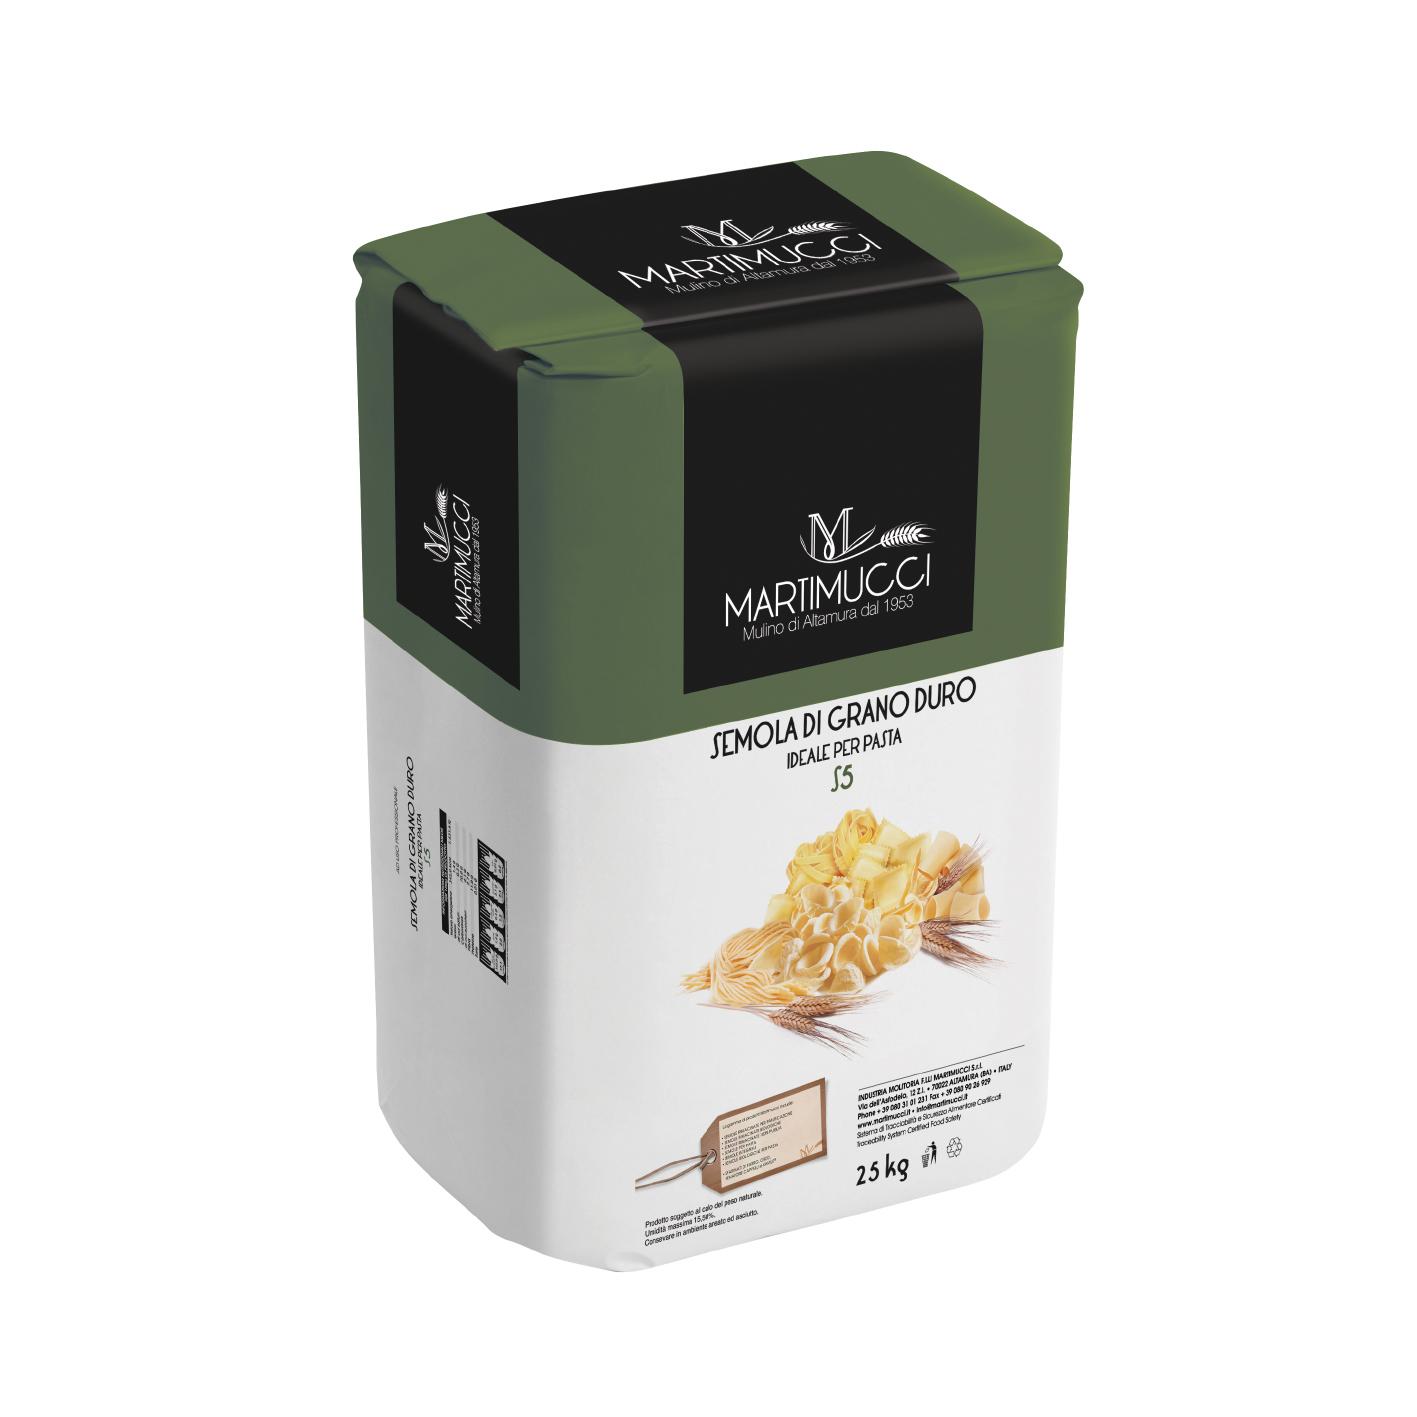 semola-grano-duro-s5 (1)